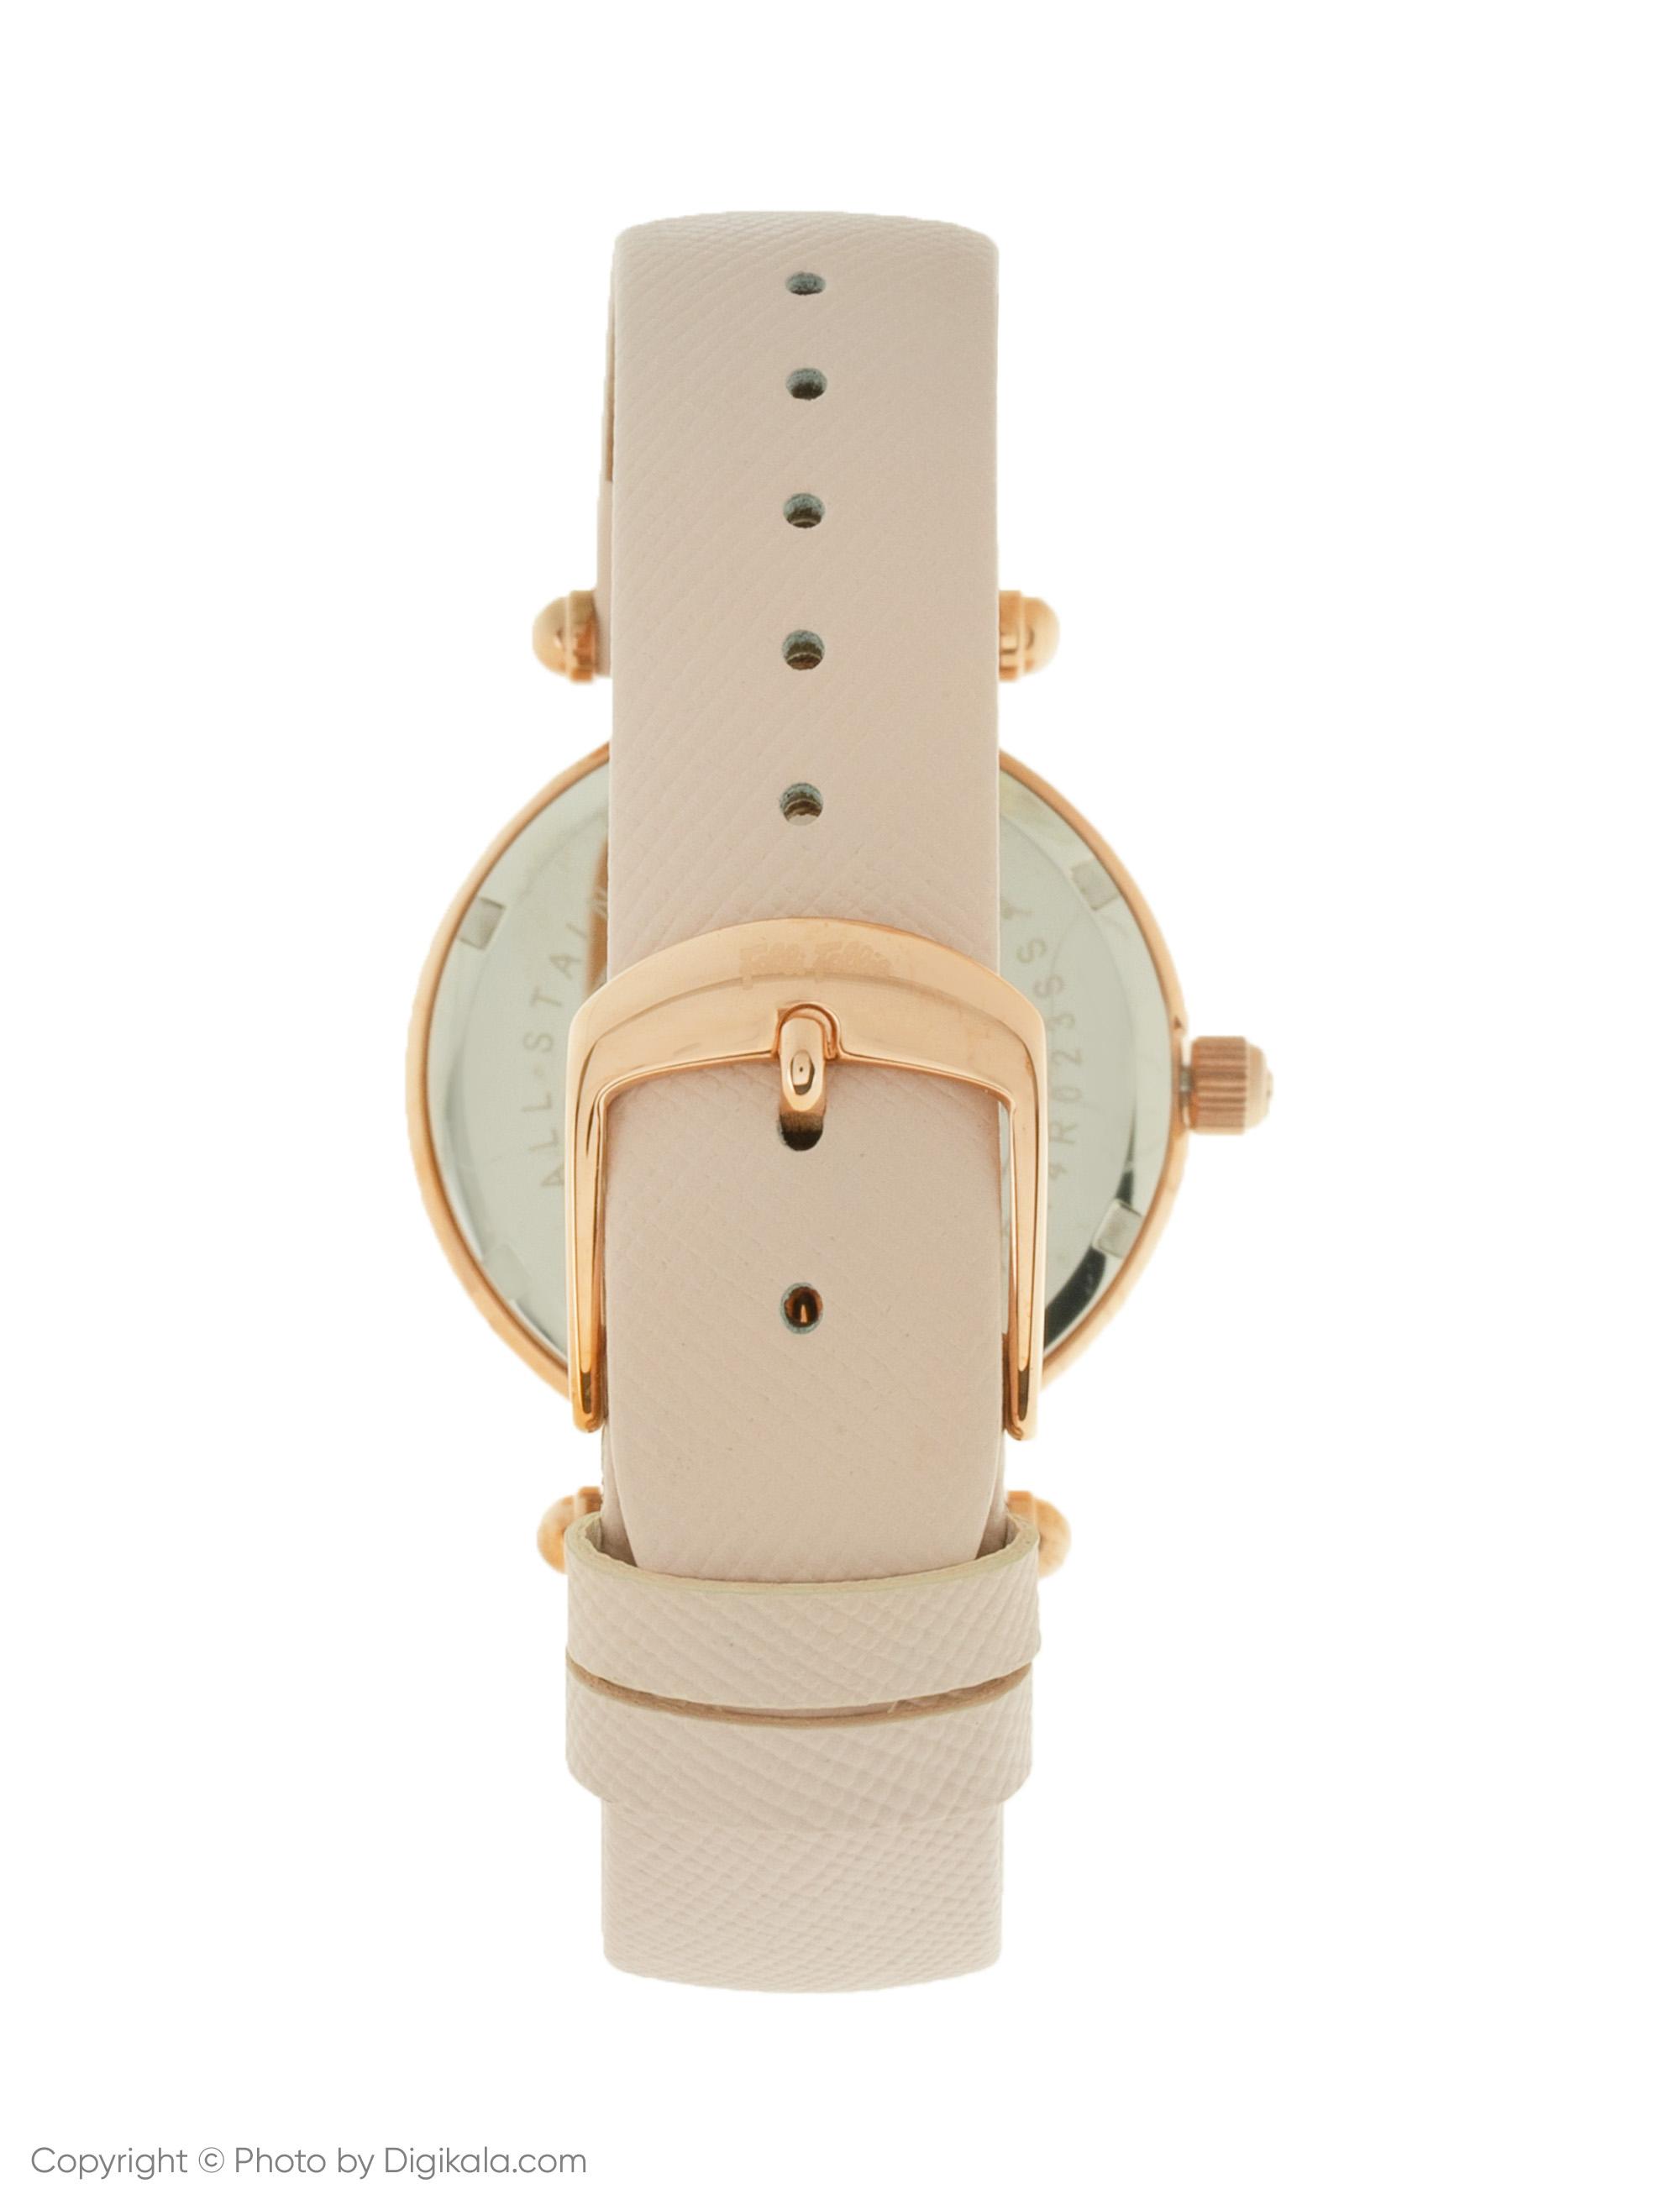 ساعت مچی  زنانه فولی فولیه مدل WF14R023SSS-PI (بدون جعبه اورجینال)              اصل